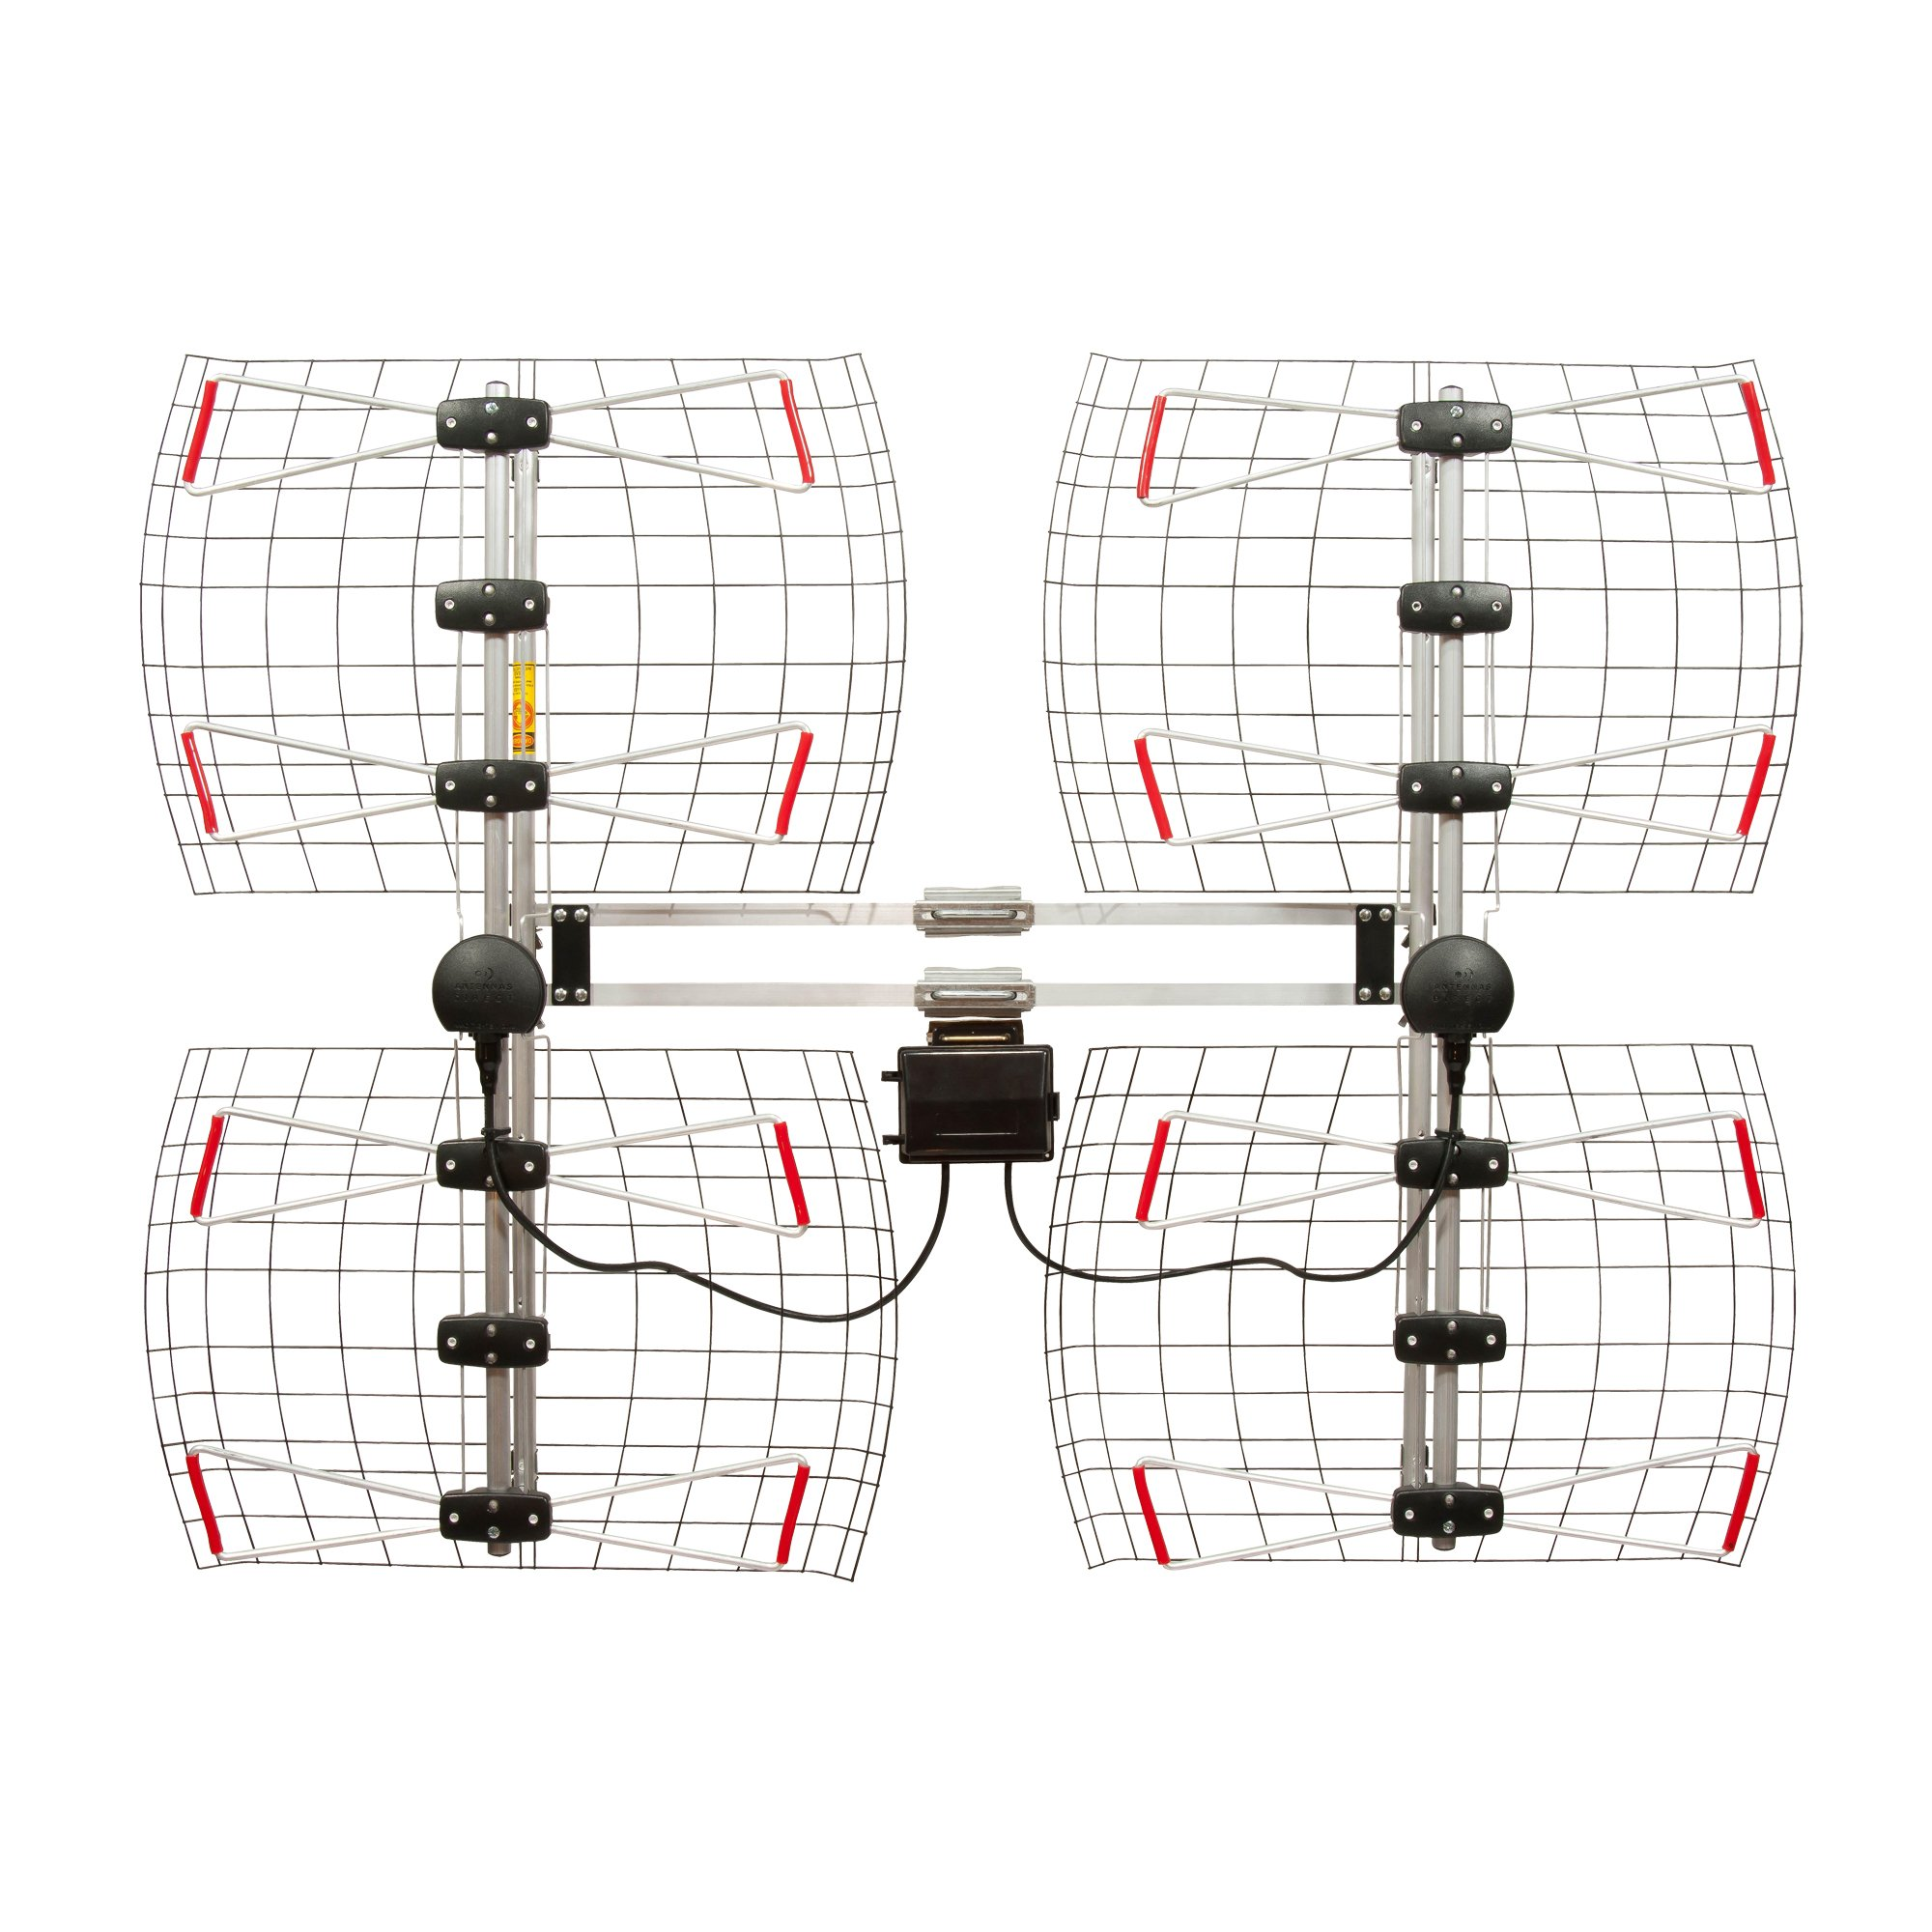 8 Element Bowtie Indoor/Outdoor HDTV Antenna - 70 Mile Range by Antennas Direct